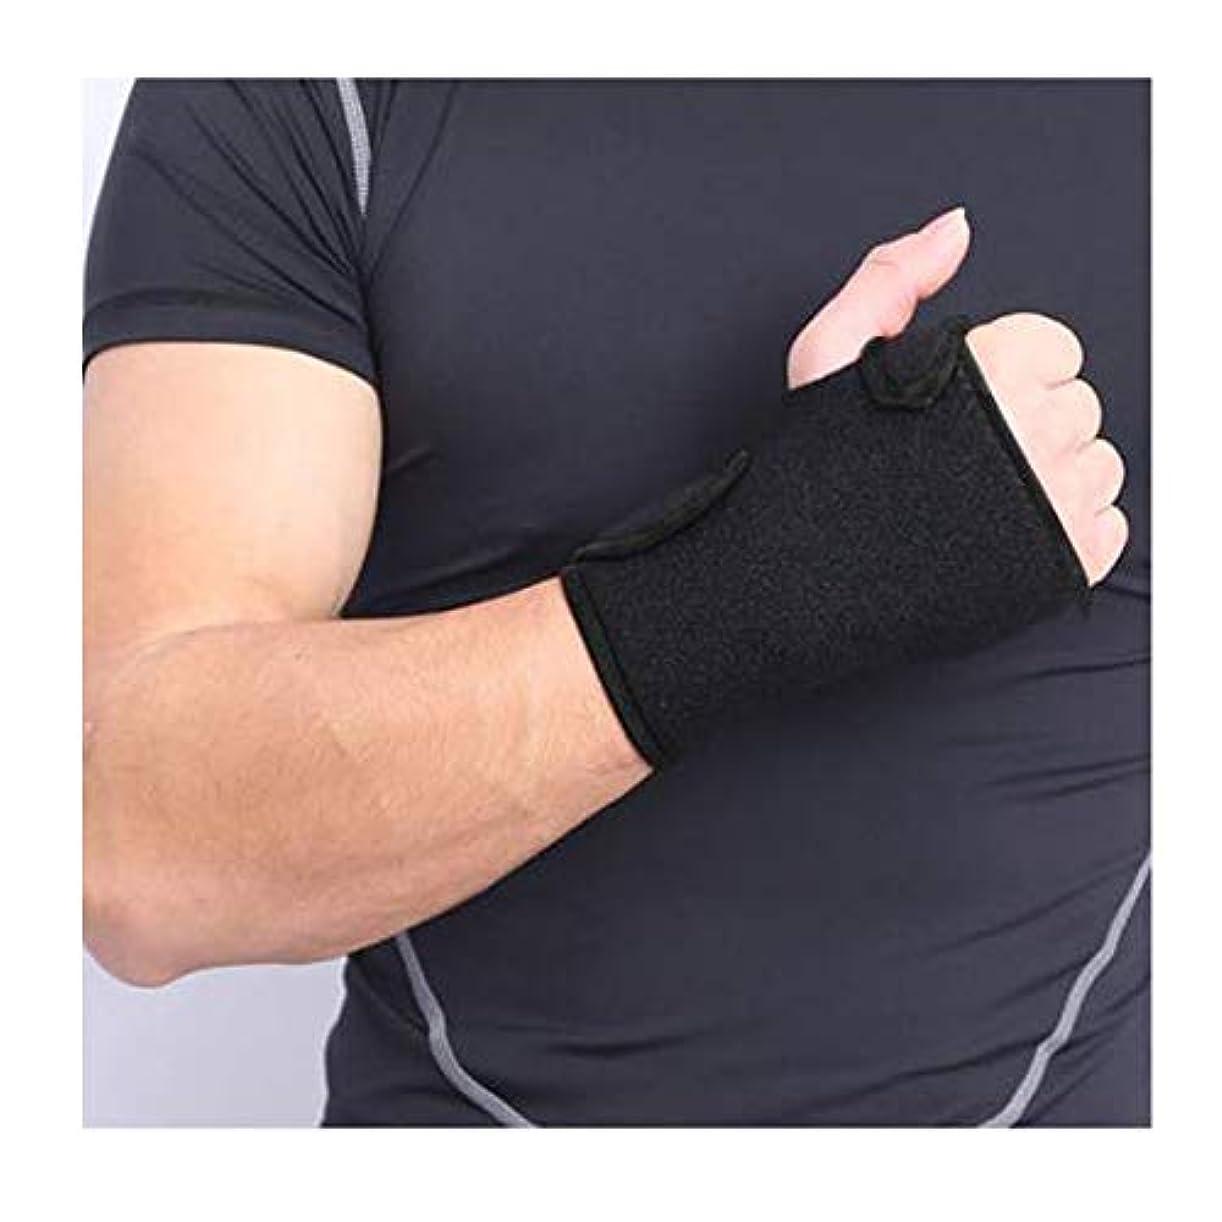 快適であること講堂弾性手首サポート添え木ブレース、手根管、腱炎および捻tunnel用に設計された医師、手根管用クッション付き軽量スプリント,Lefthand